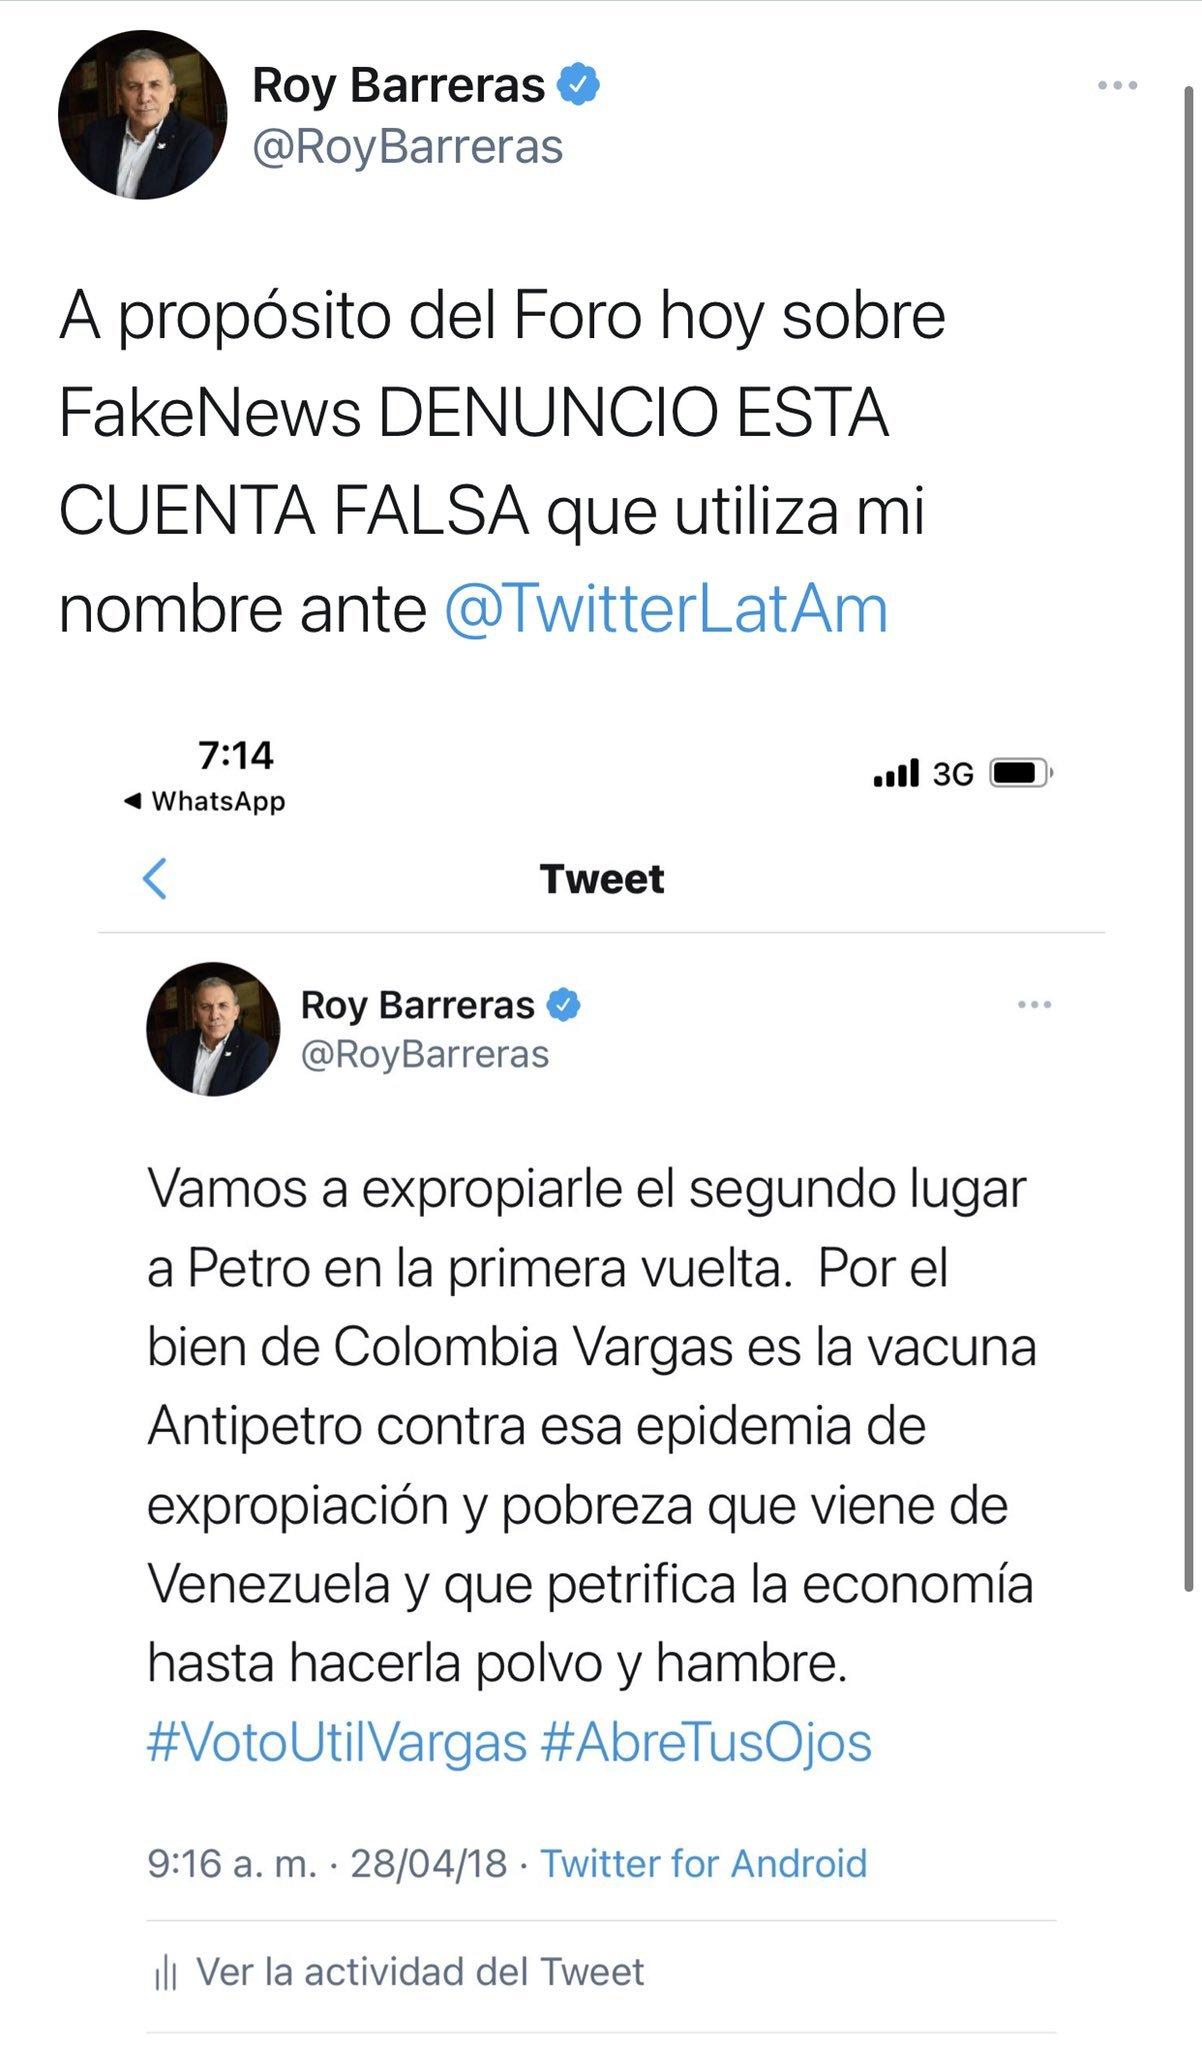 Tuit de Roy Barreras